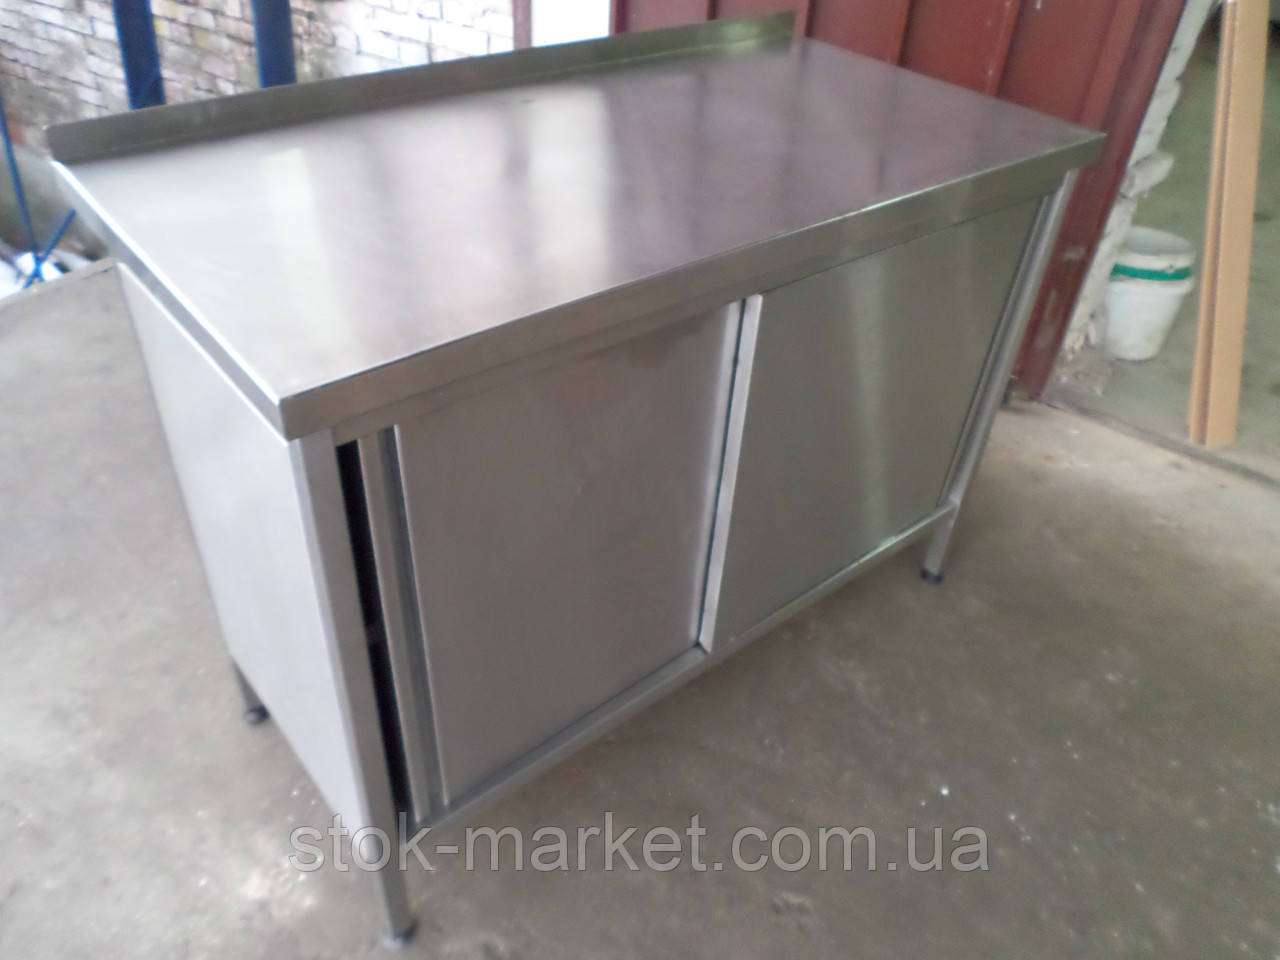 Производственный стол б/у, стол-тумба из нержавеющей стали б/у, стол производственный бу, стол из нержавеющей